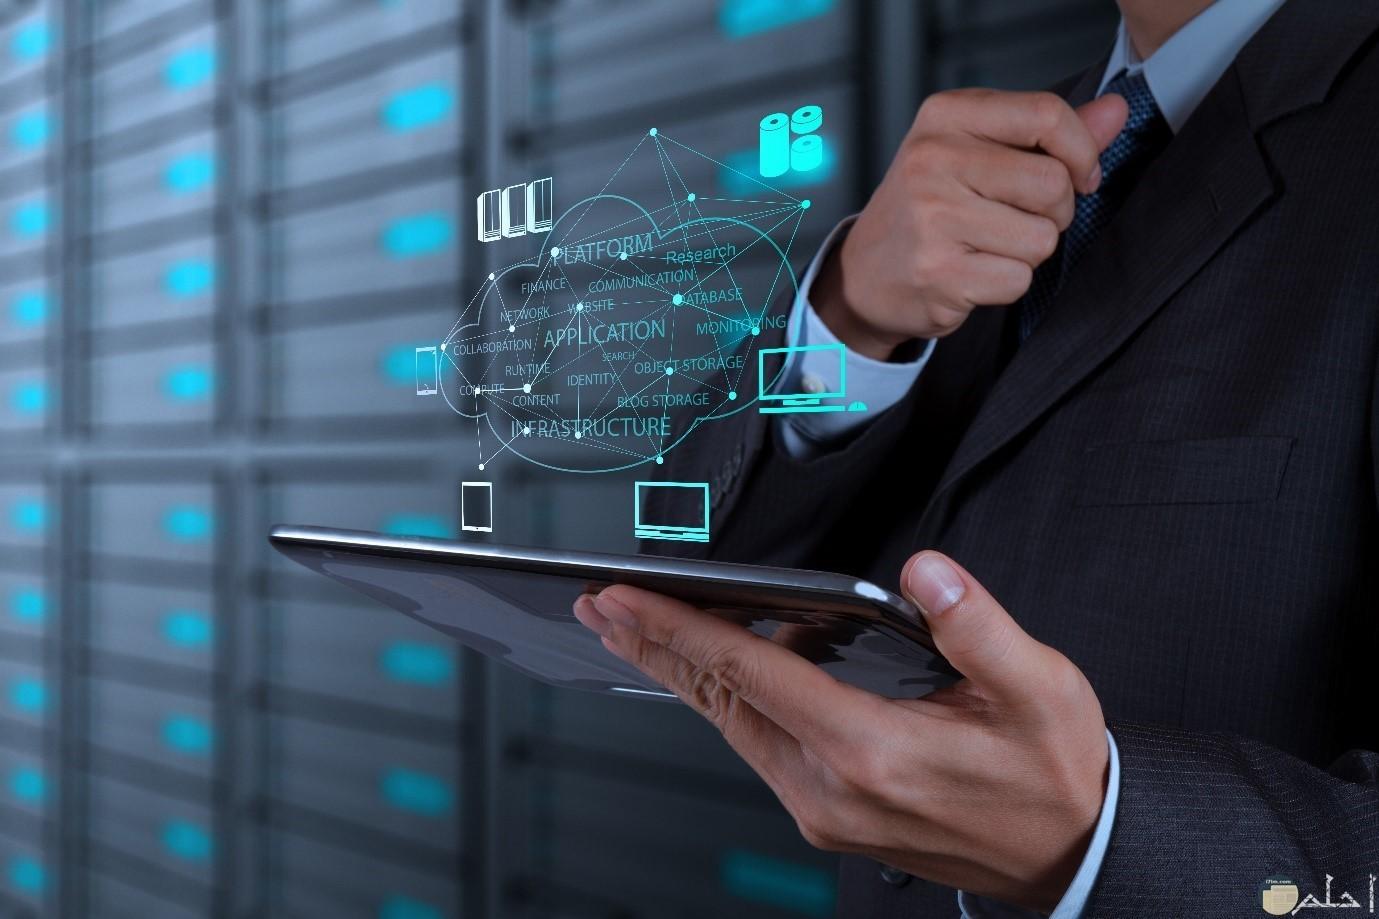 صورة تكنولوجيا وحاسوب